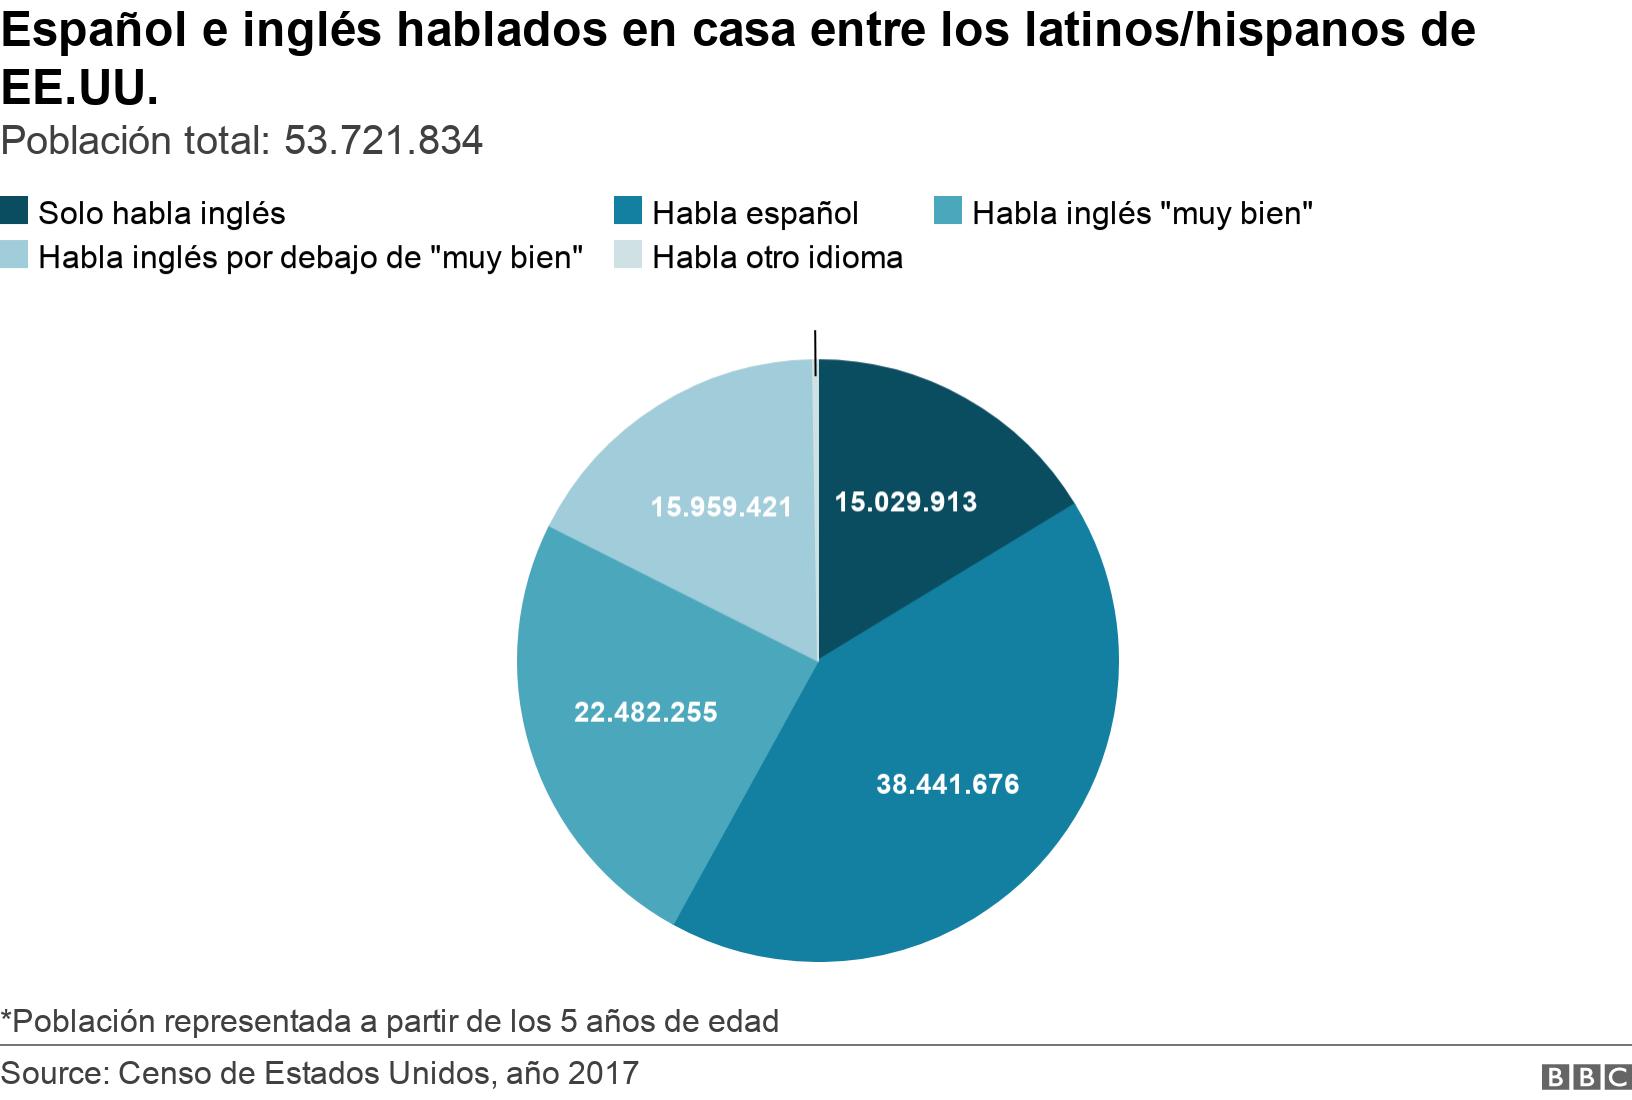 """Español e inglés hablados en casa entre los latinos/hispanos de EE.UU.. Población total: 53.721.834. Las estadísticas muestran que, de la población total de latinos/hispanos en EE.UU. (53 millones), 15 millones dijeron solamente hablar inglés en casa, mientras que 38 millones dijeron hablar español en casa. 22 millones dijeron hablar inglés """"muy bien"""" además de español, y casi 16 millones respondieron que hablan inglés por debajo de """"muy bien"""".  *Población representada a partir de los 5 años de edad."""